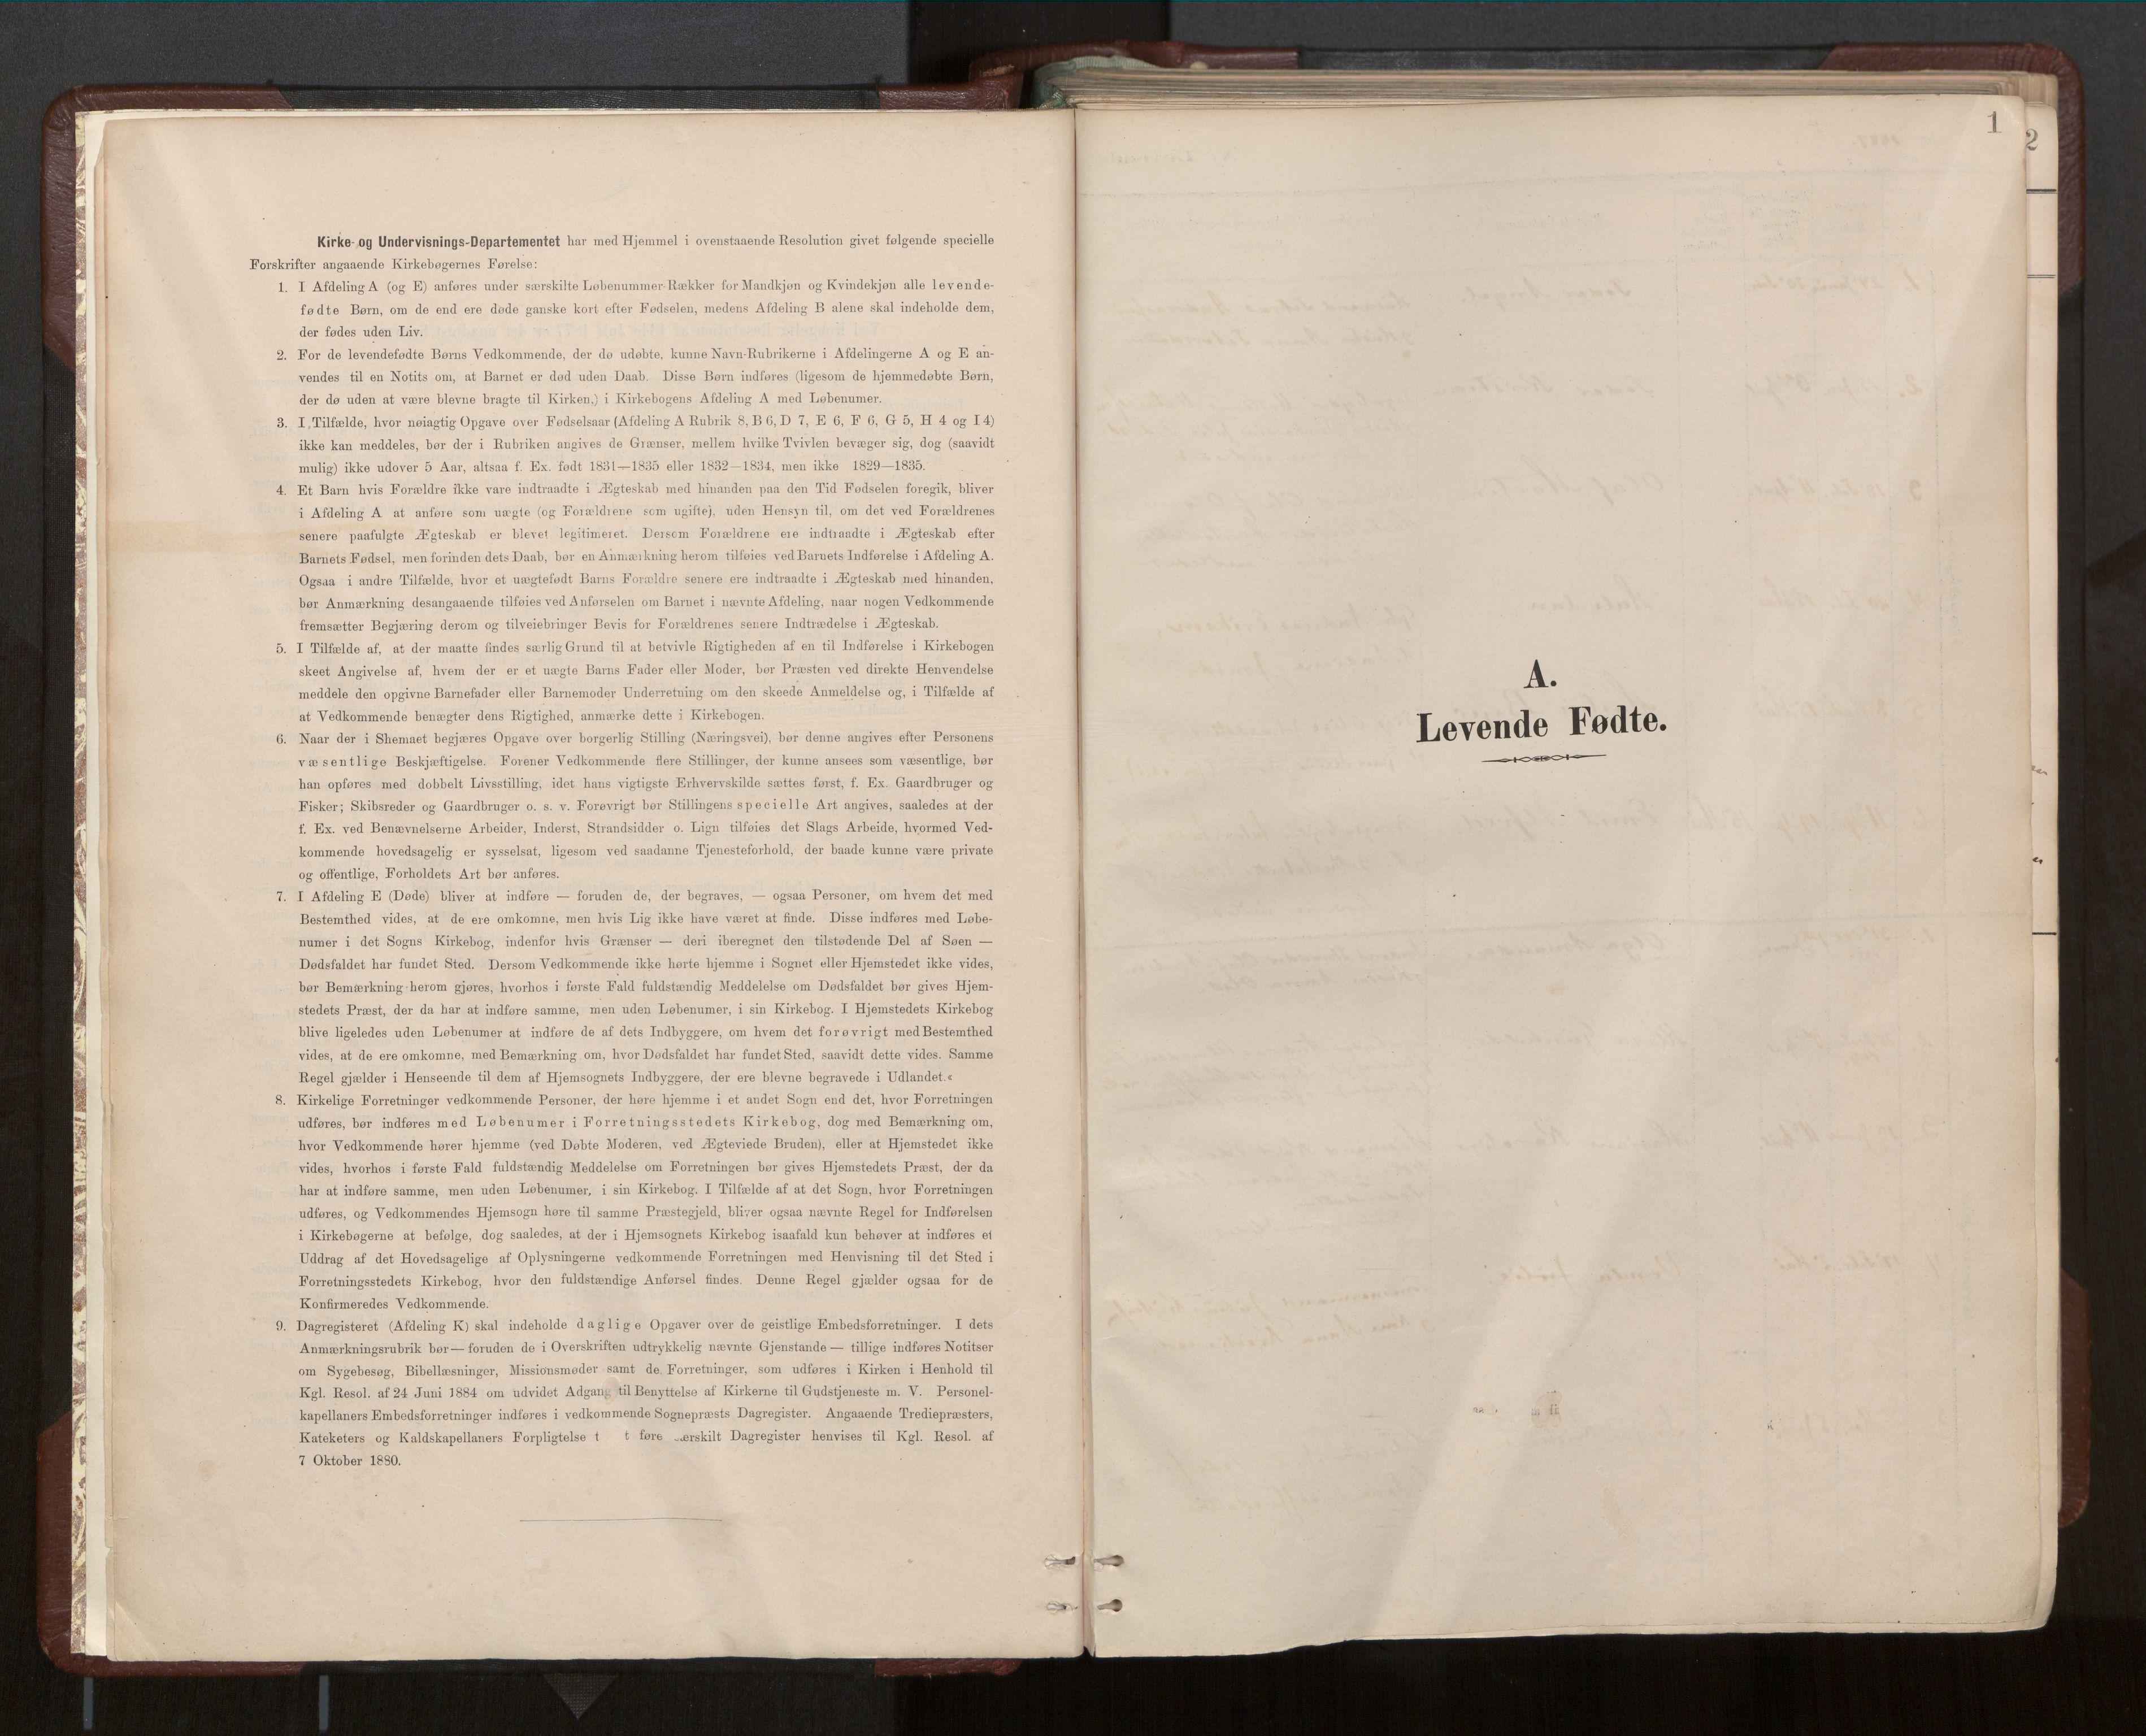 SAT, Ministerialprotokoller, klokkerbøker og fødselsregistre - Nord-Trøndelag, 770/L0589: Ministerialbok nr. 770A03, 1887-1929, s. 1